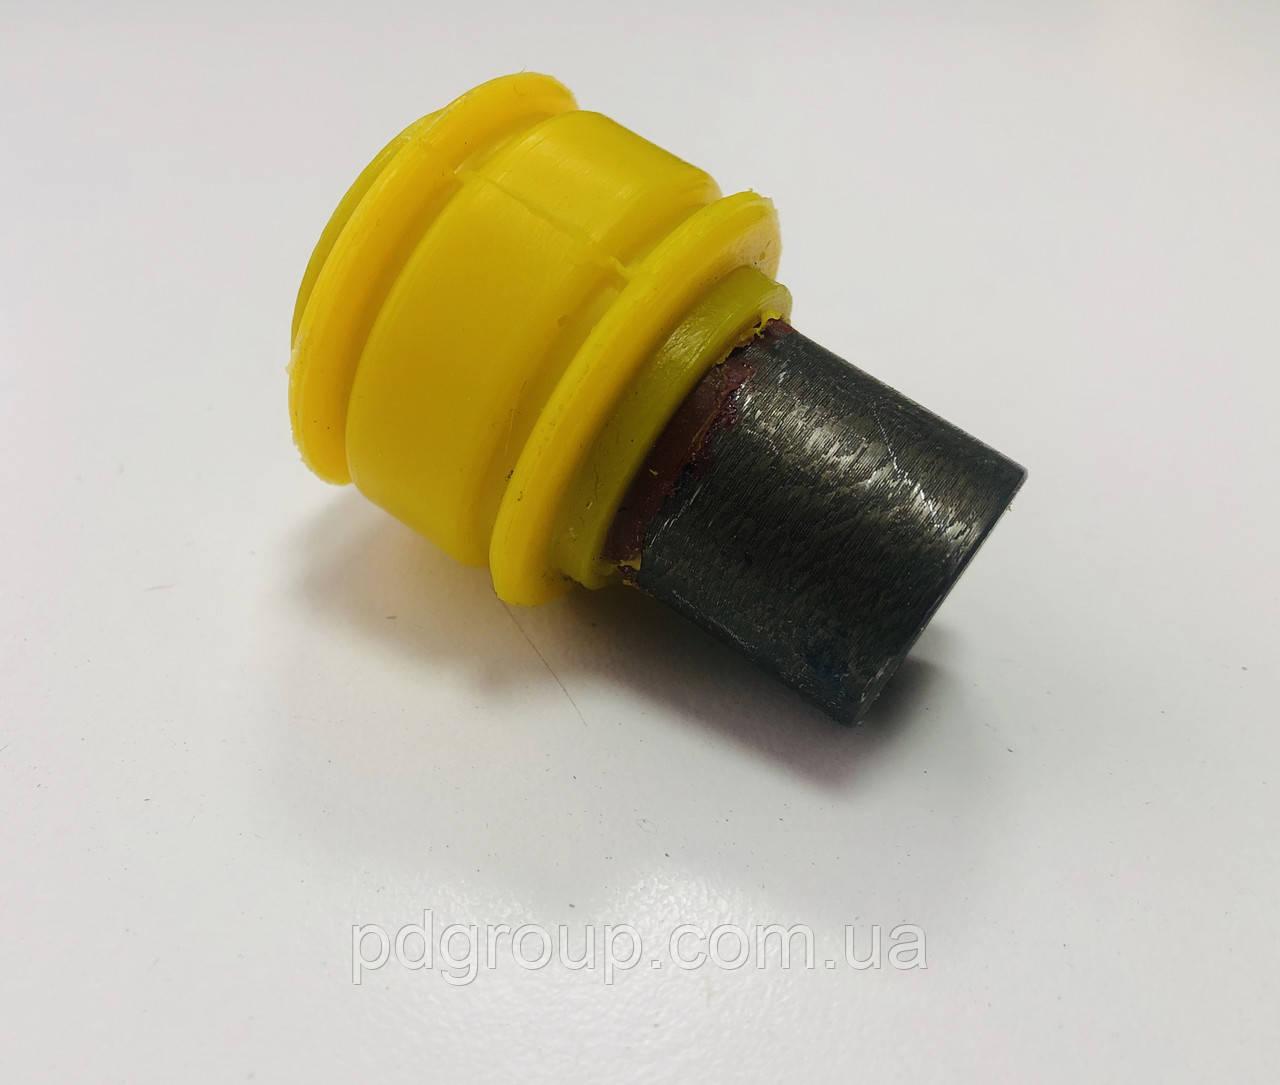 Втулка сайлентблок переднего амортизатора нижняя полиуретан Renault Master 2 Рено мастер 2 ОЕ 7700310737